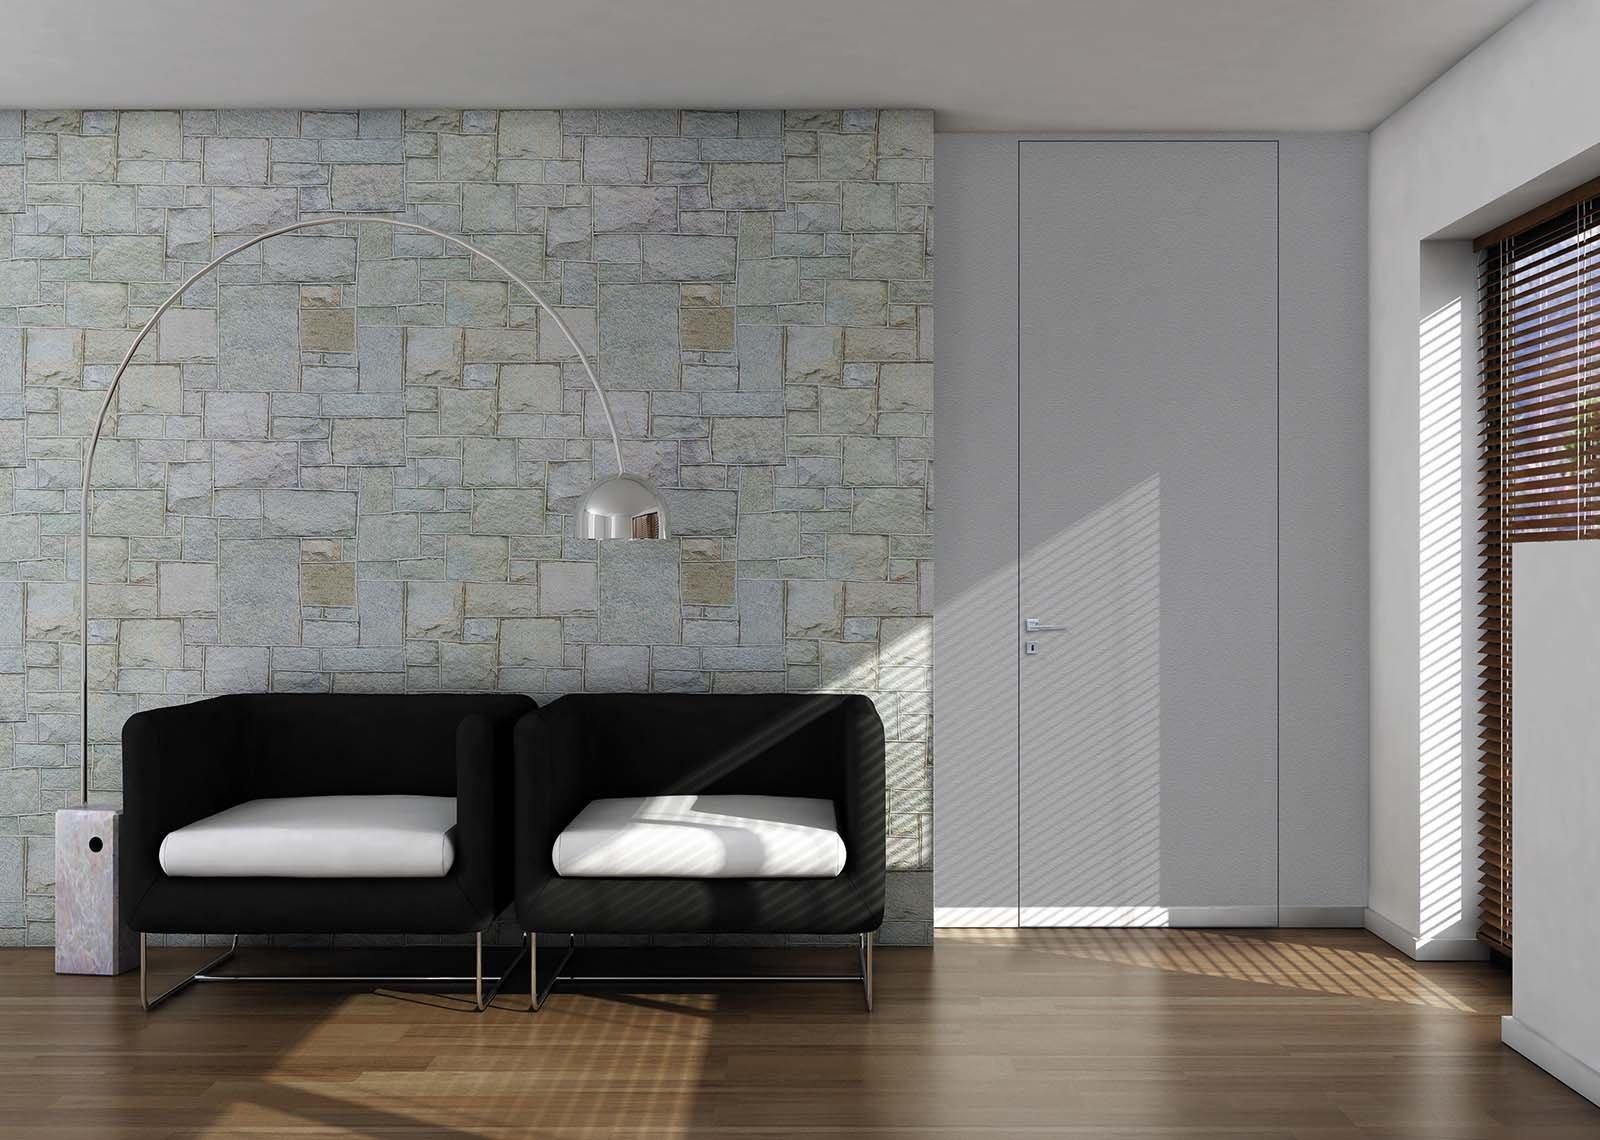 Porte a filo muro design essenziale o finitura d cor - Porta chitarra da muro ...